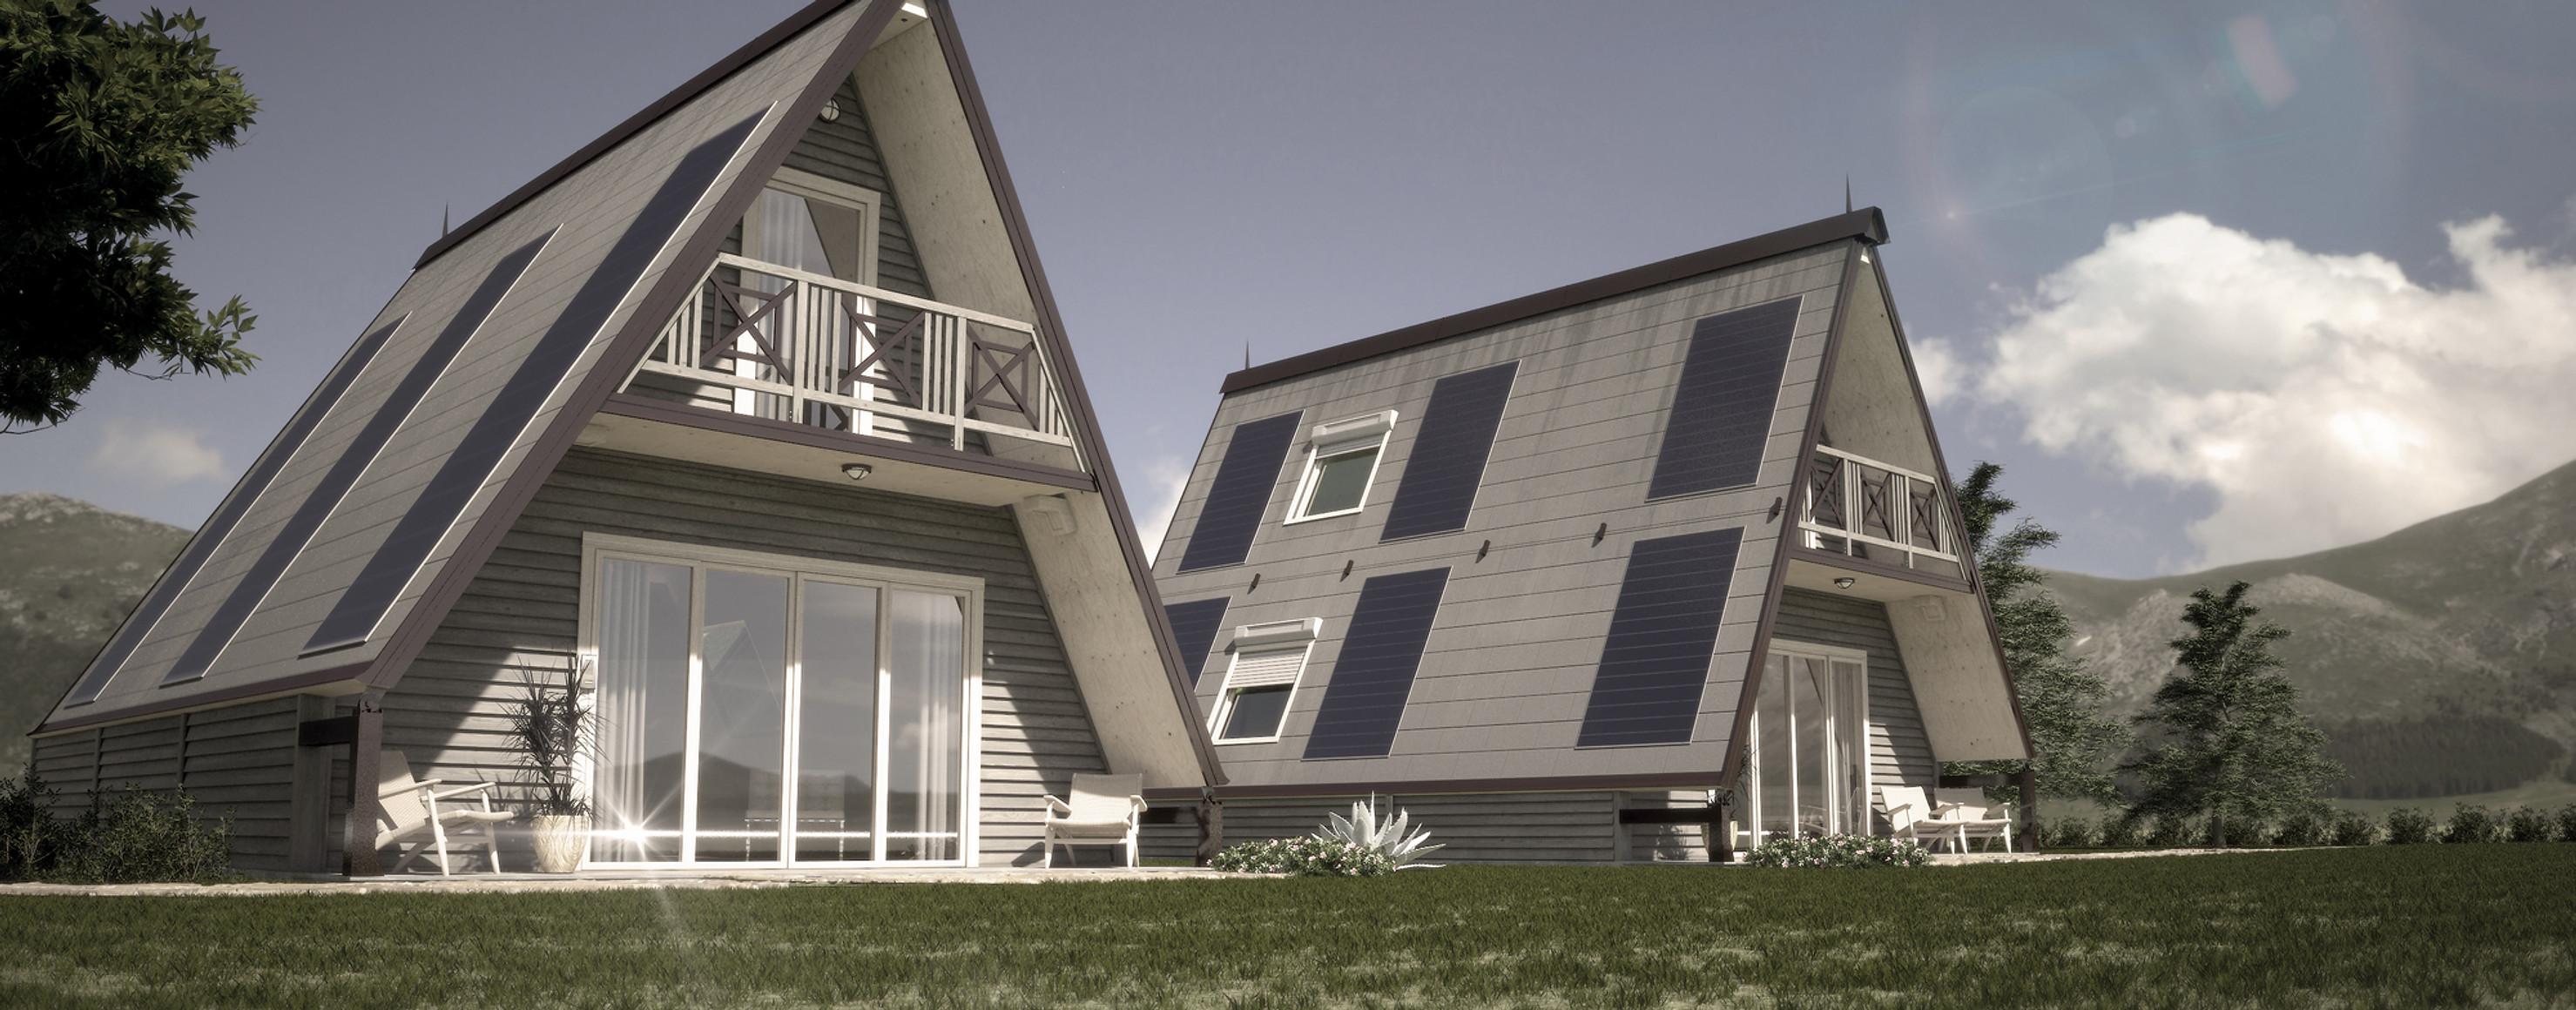 Dit modulaire huis kost je slechts €28.000 en 6 uur om te bouwen